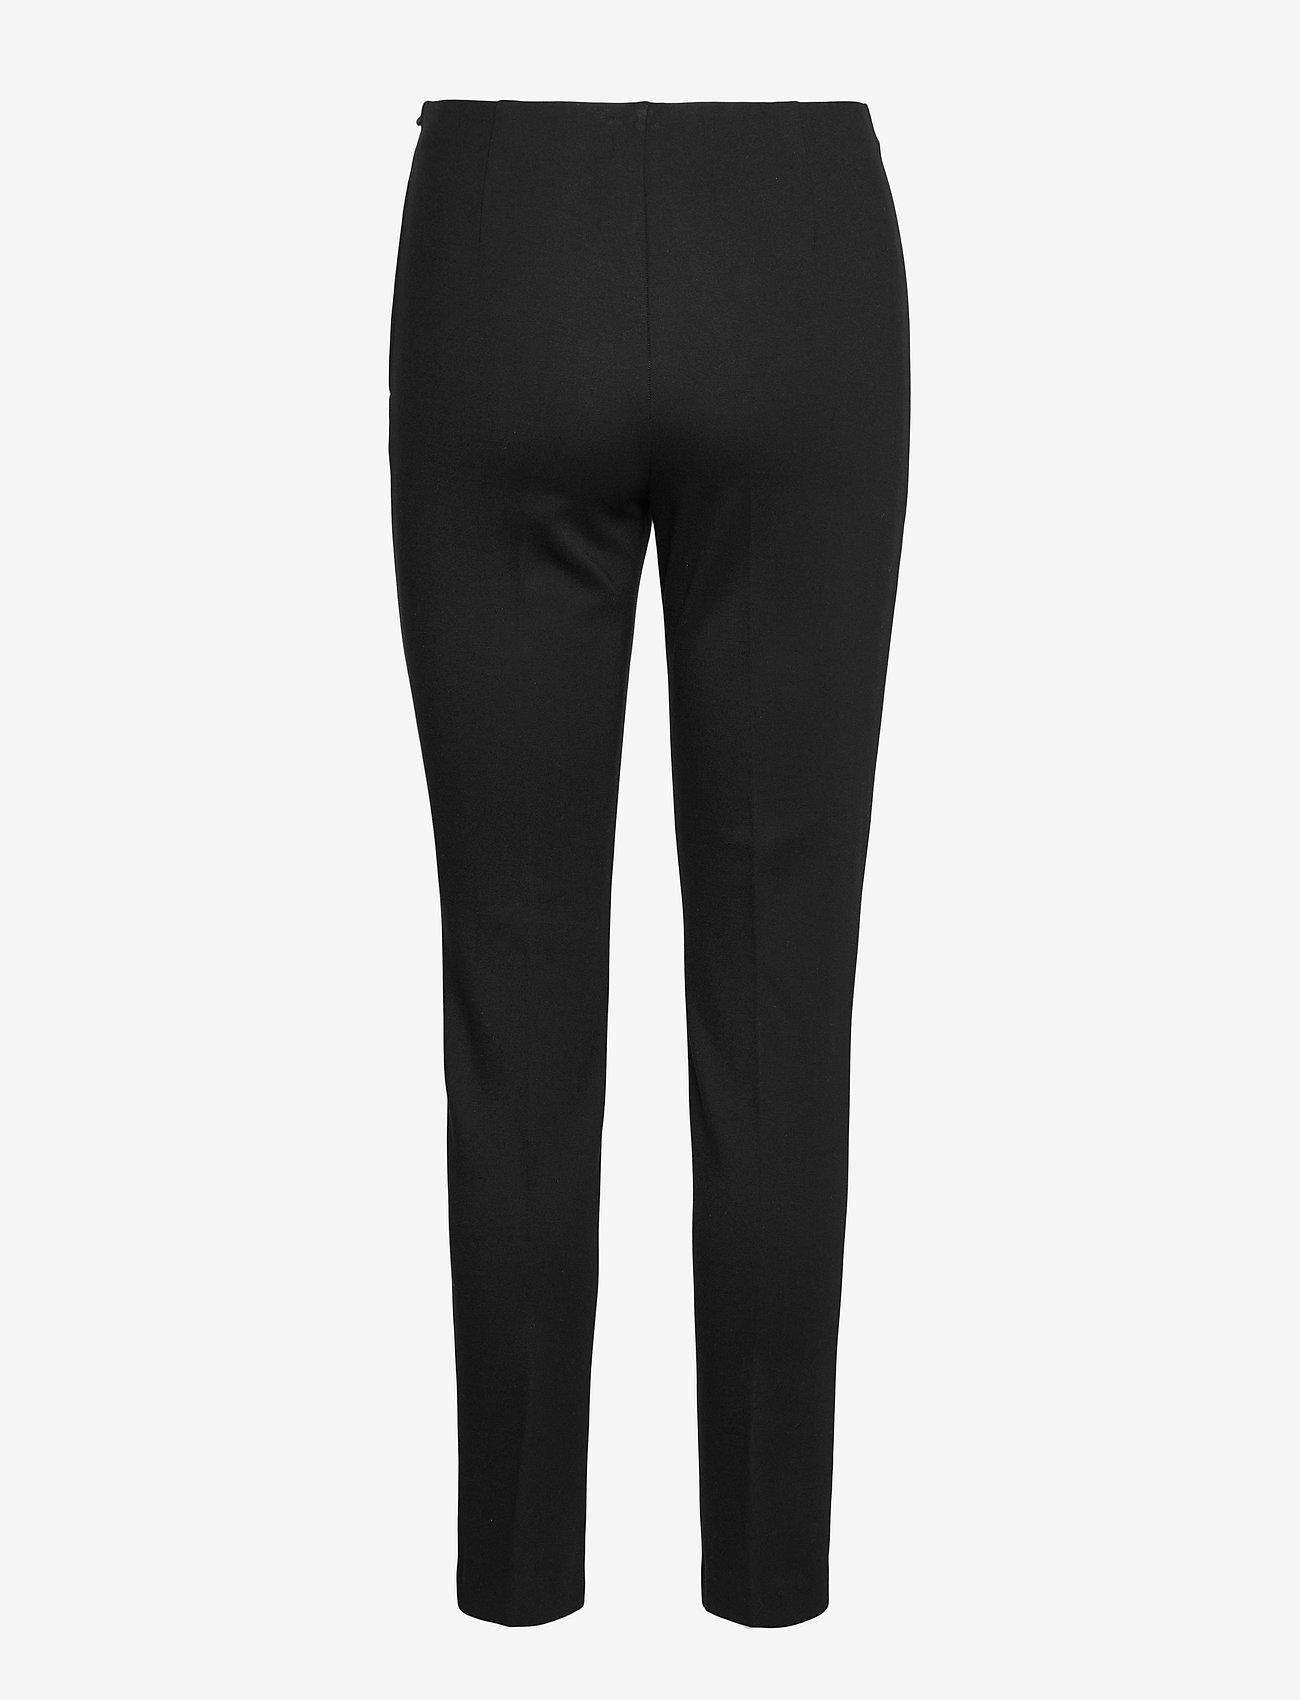 SAND - 2548 - Malhia - pantalons slim fit - black - 1